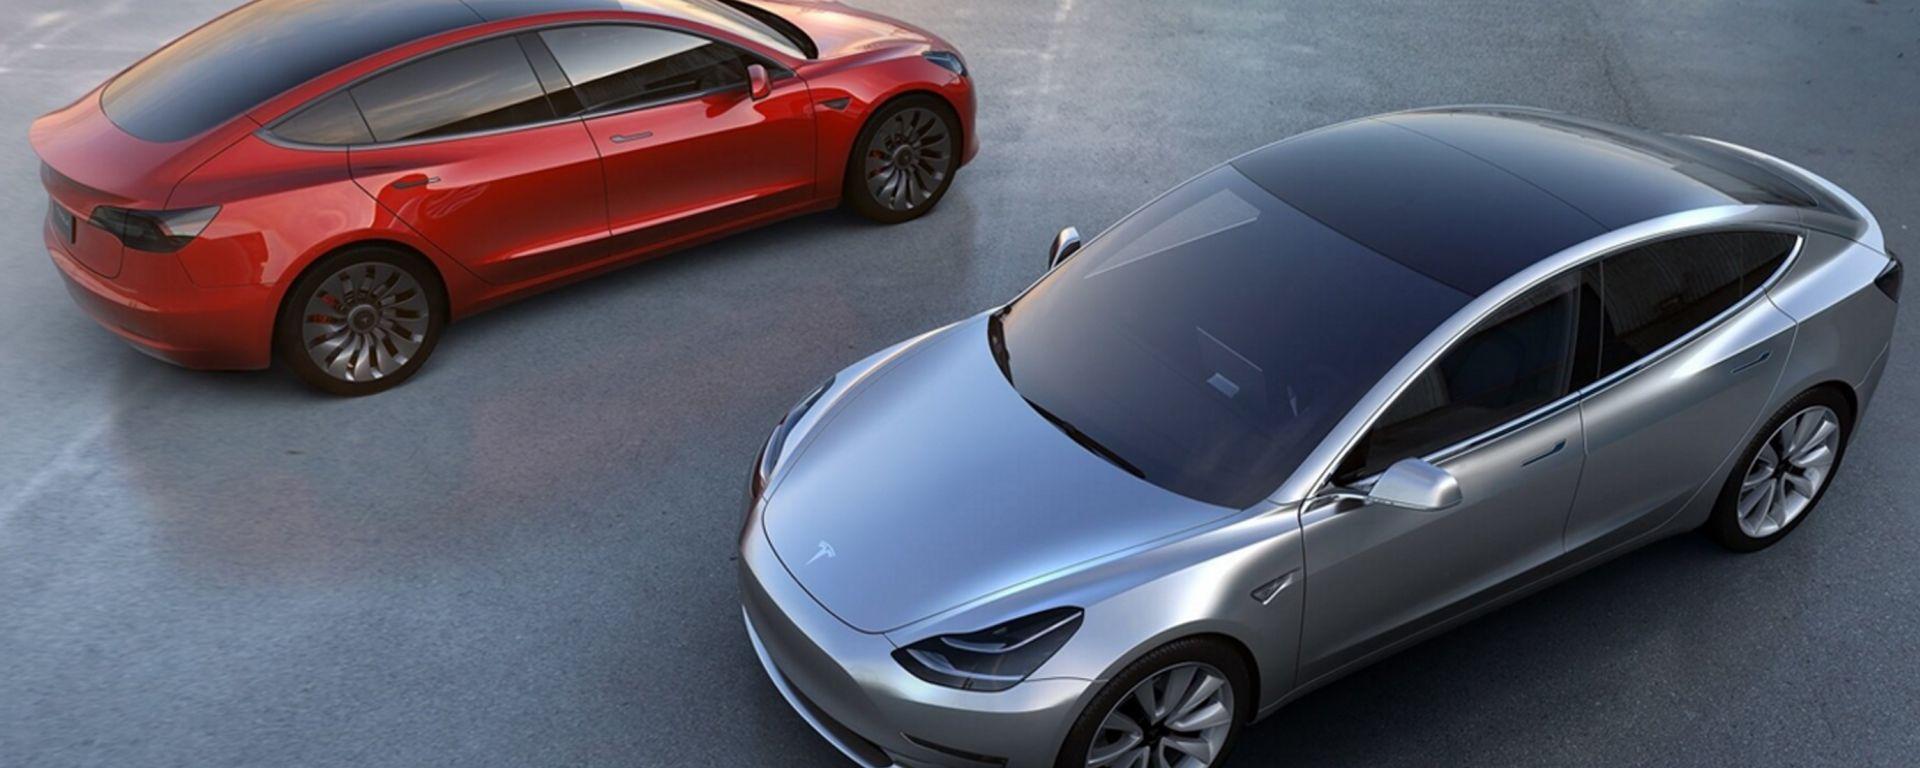 Tesla Model 3: nuove informazioni sull'elettrica pop di Elon Musk